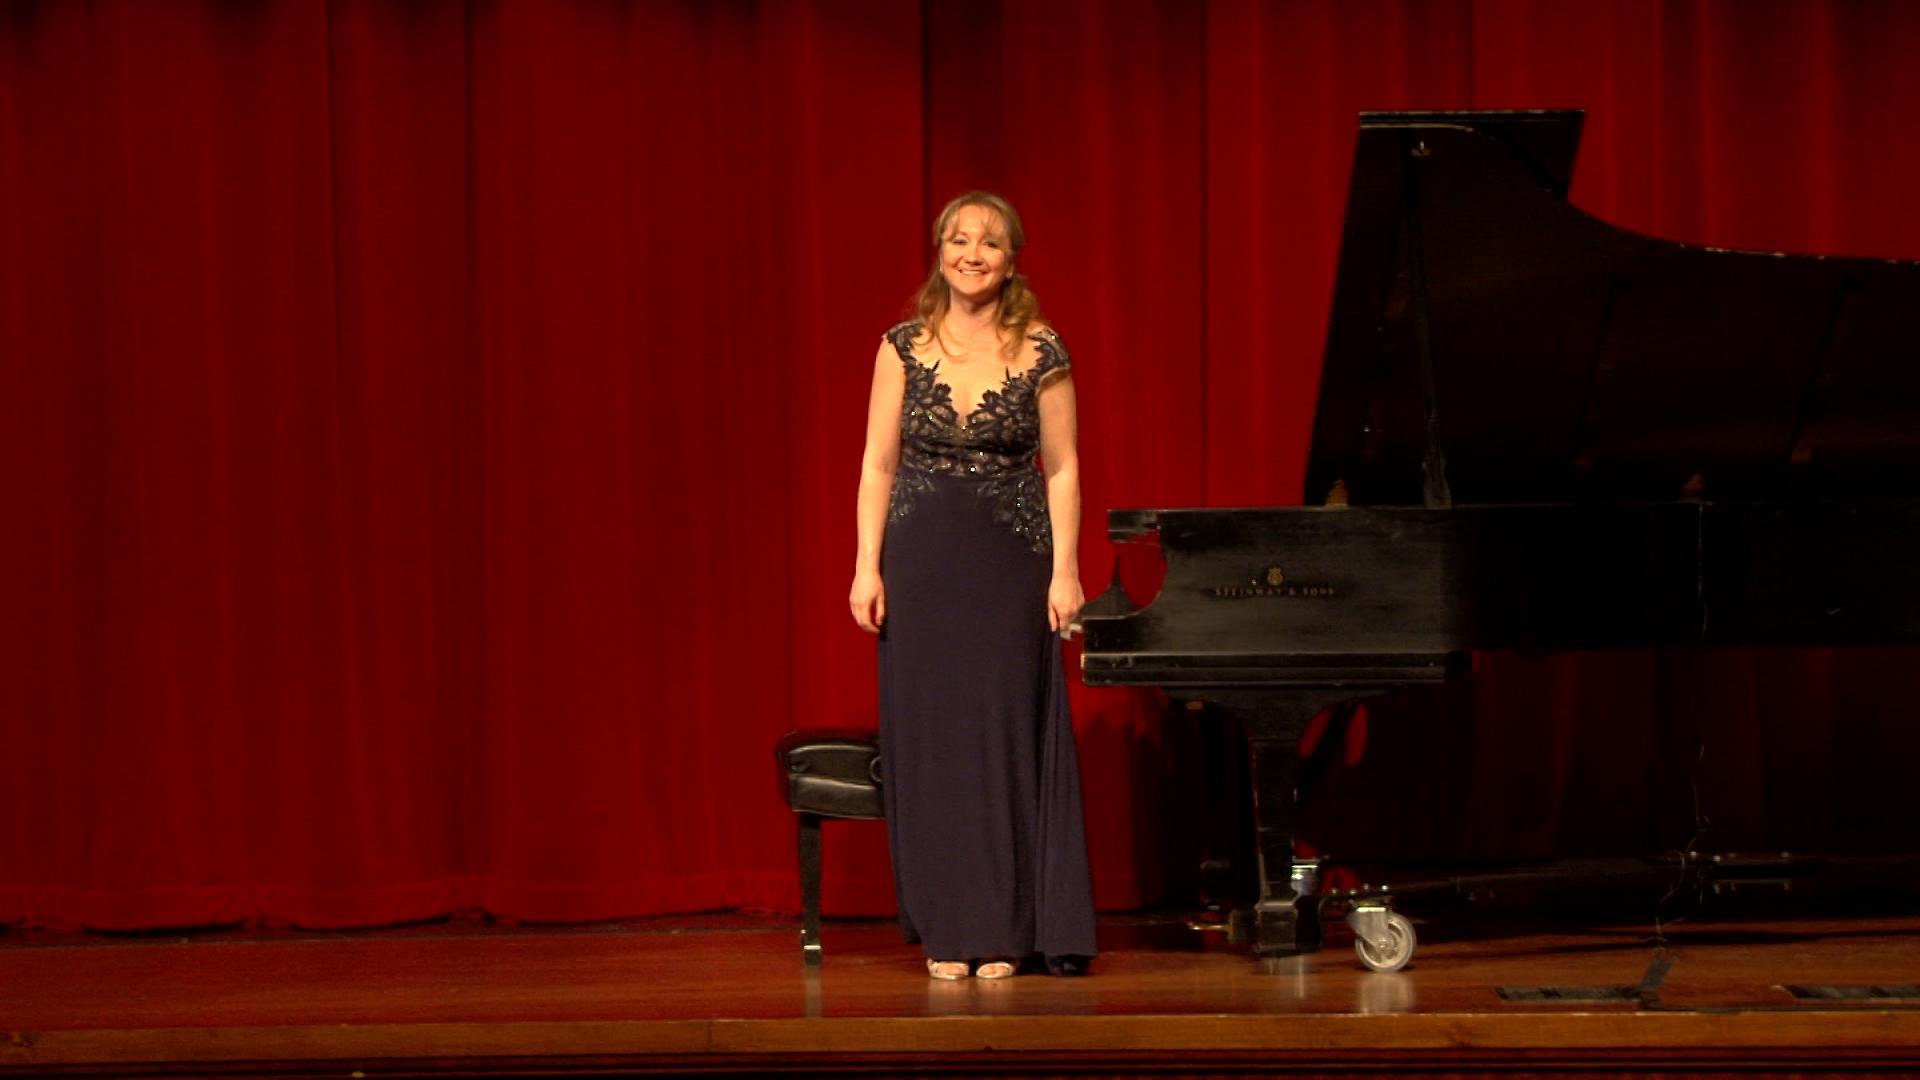 Recital at the Harold Washington Library, Chicago